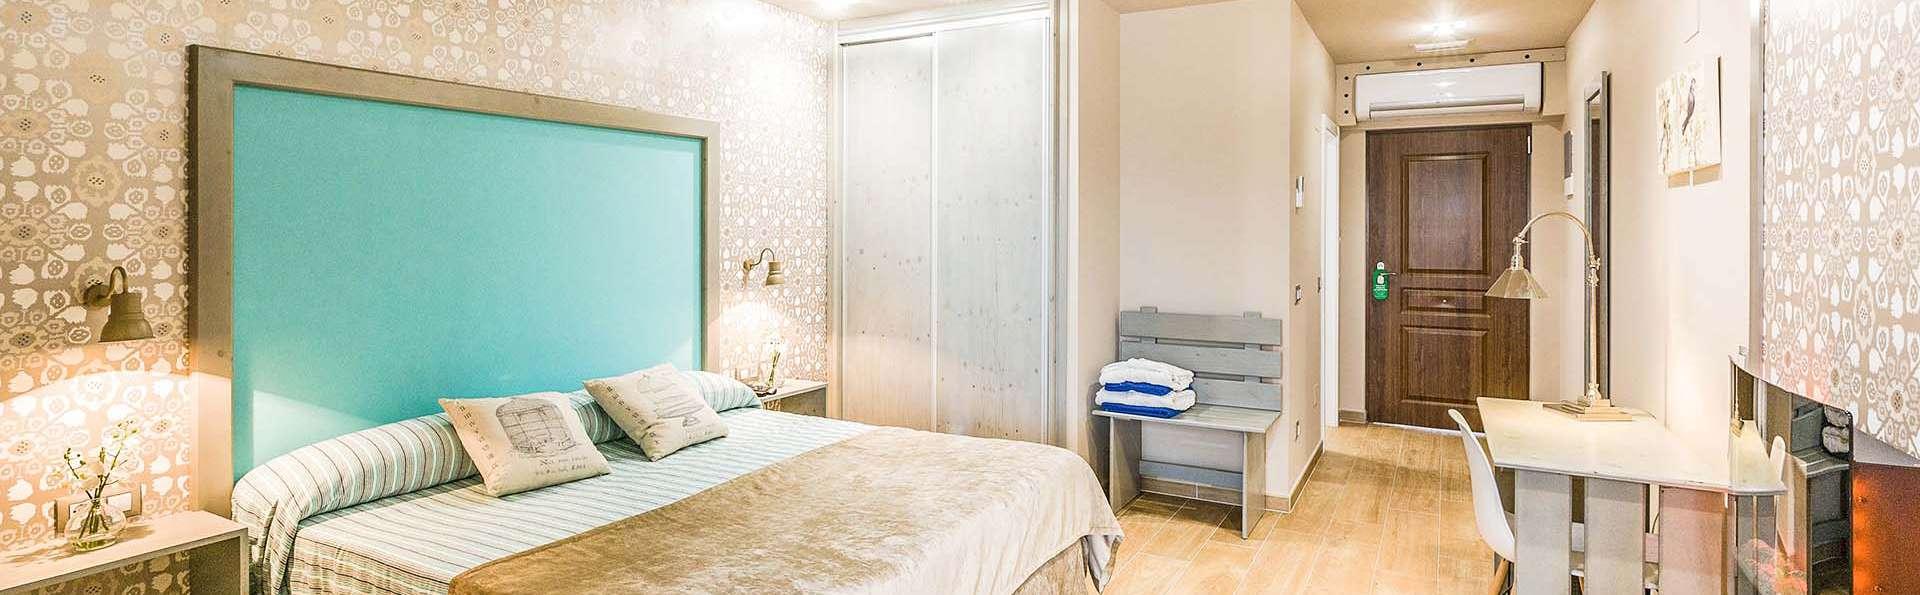 Regala estancia en Grand Suite con una gran bañera de hidromasaje en Cantabria